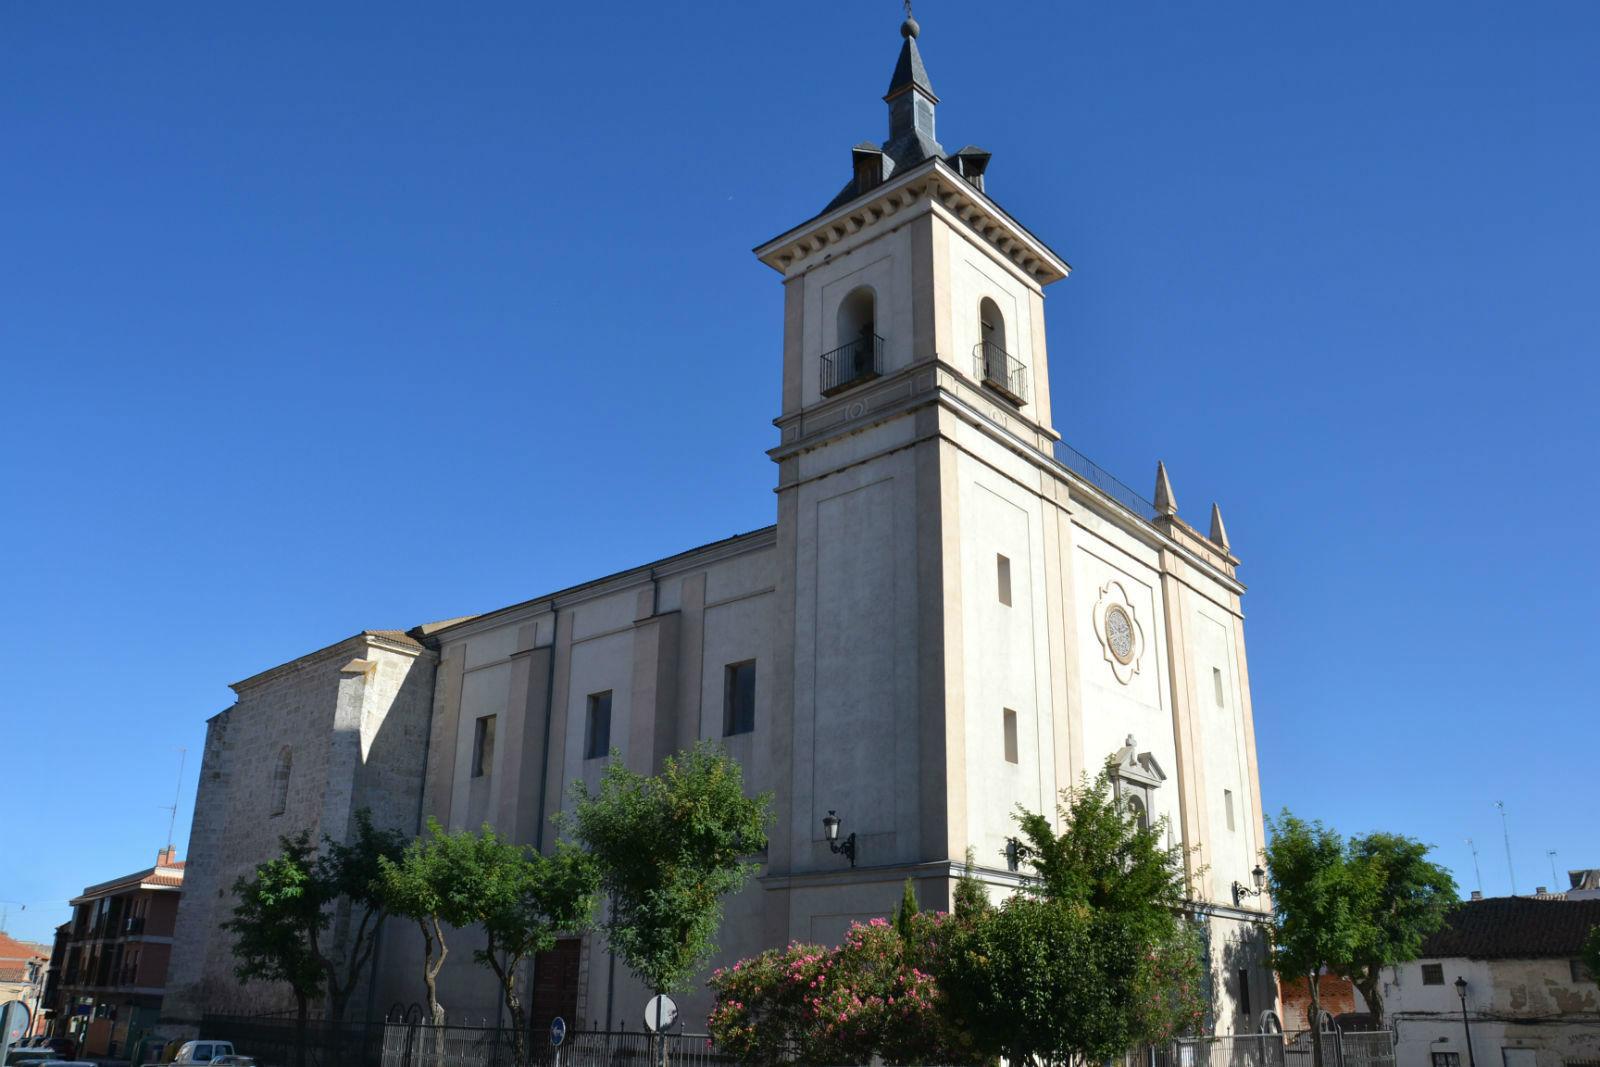 parroquia-san-esteban-portomartir-fuenlabrada-exterior